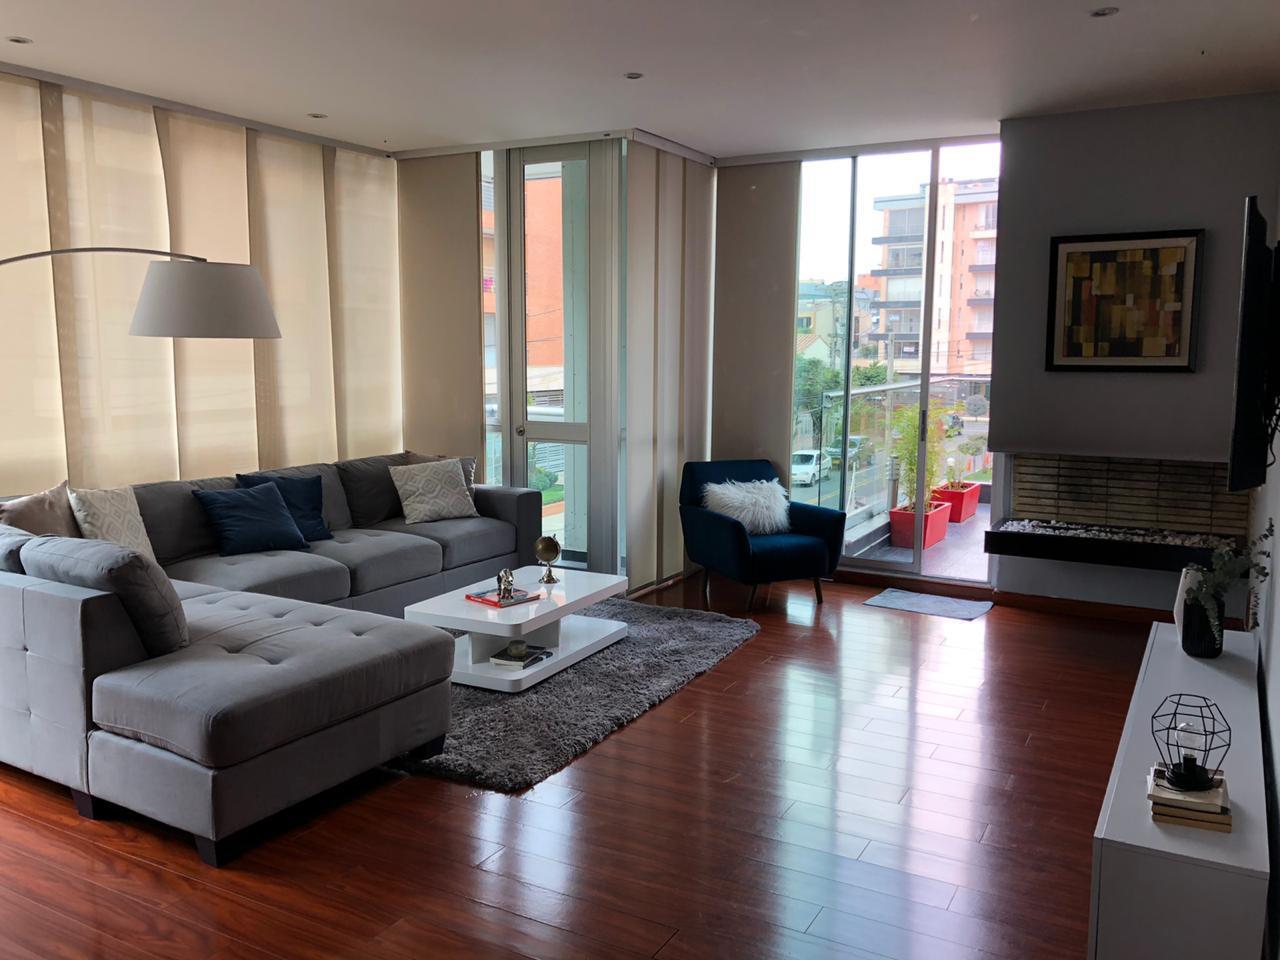 97919 - Excelente apartamento con Terraza